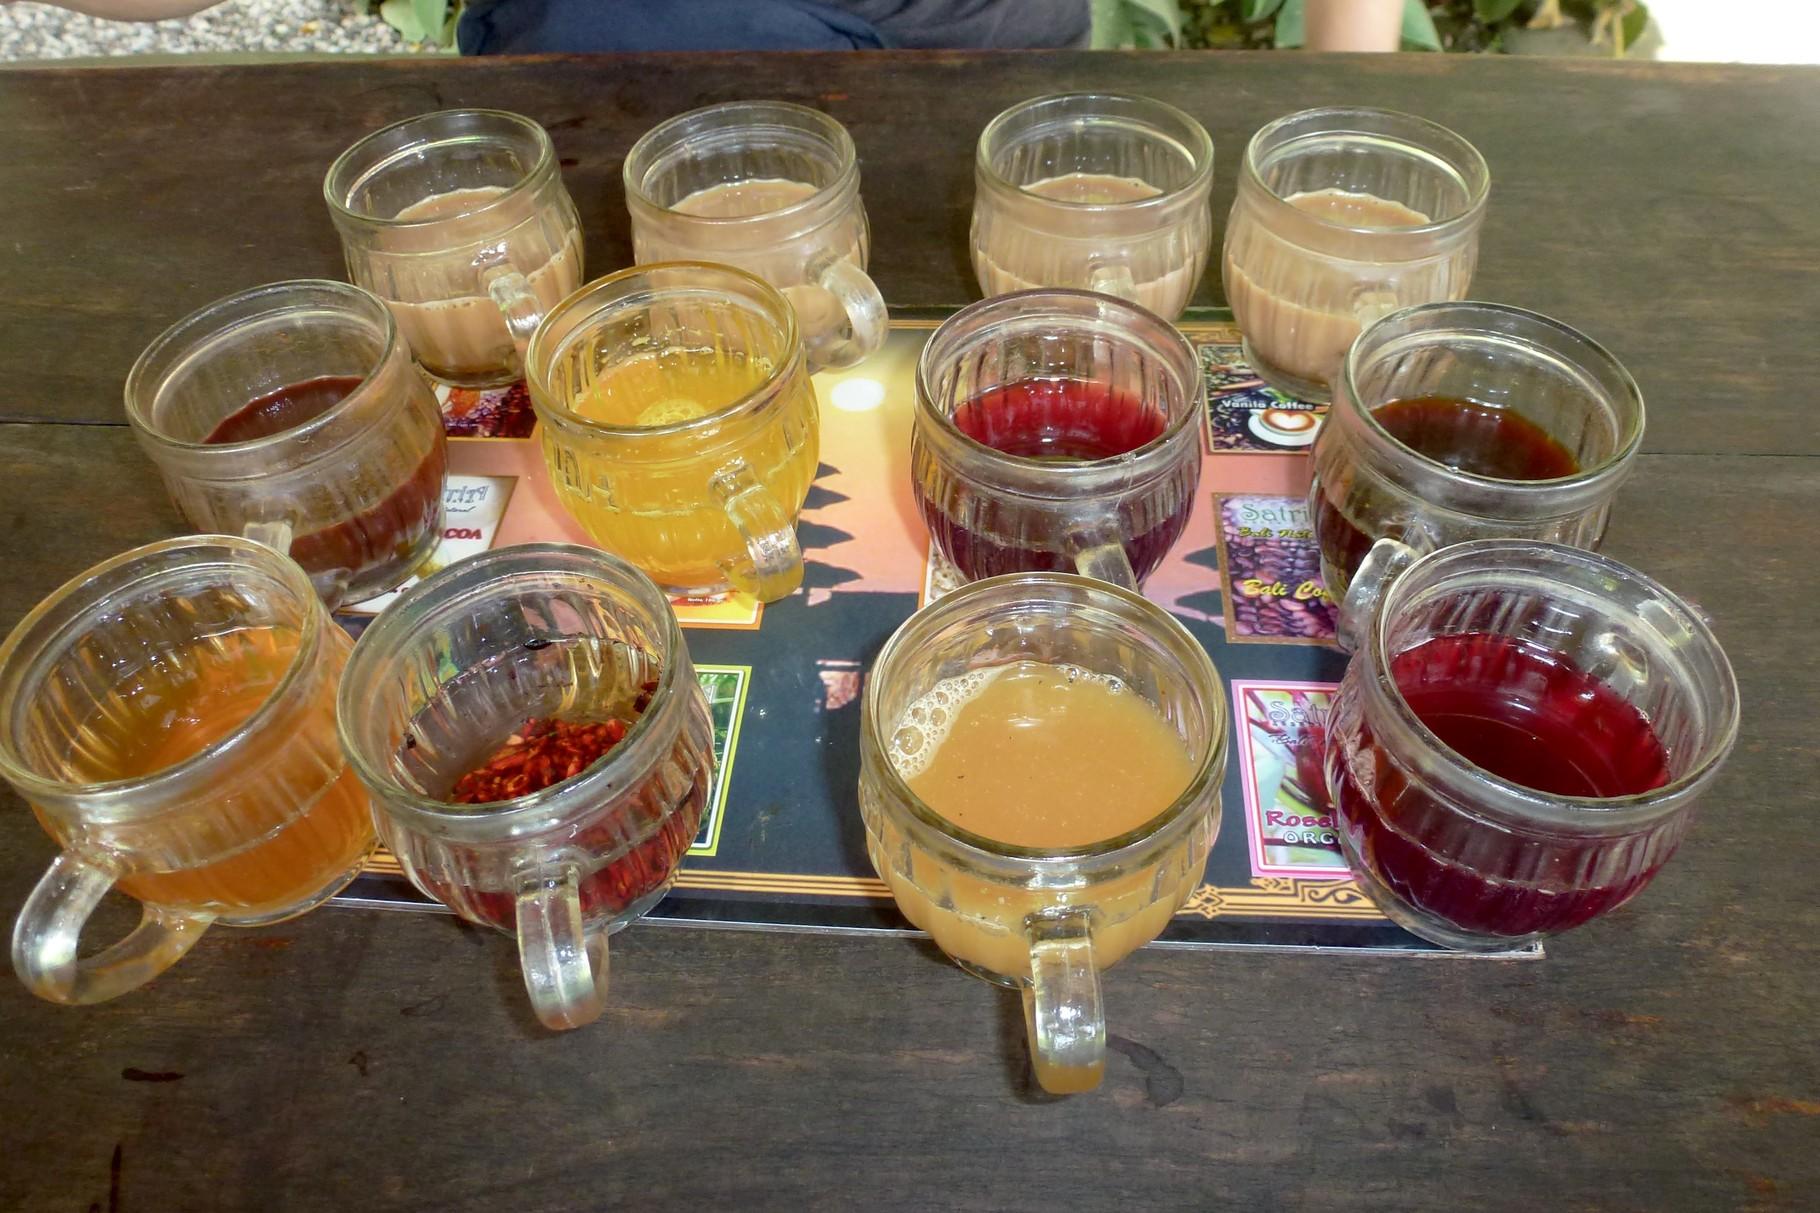 Verschiedene Tee- und Kaffesorten